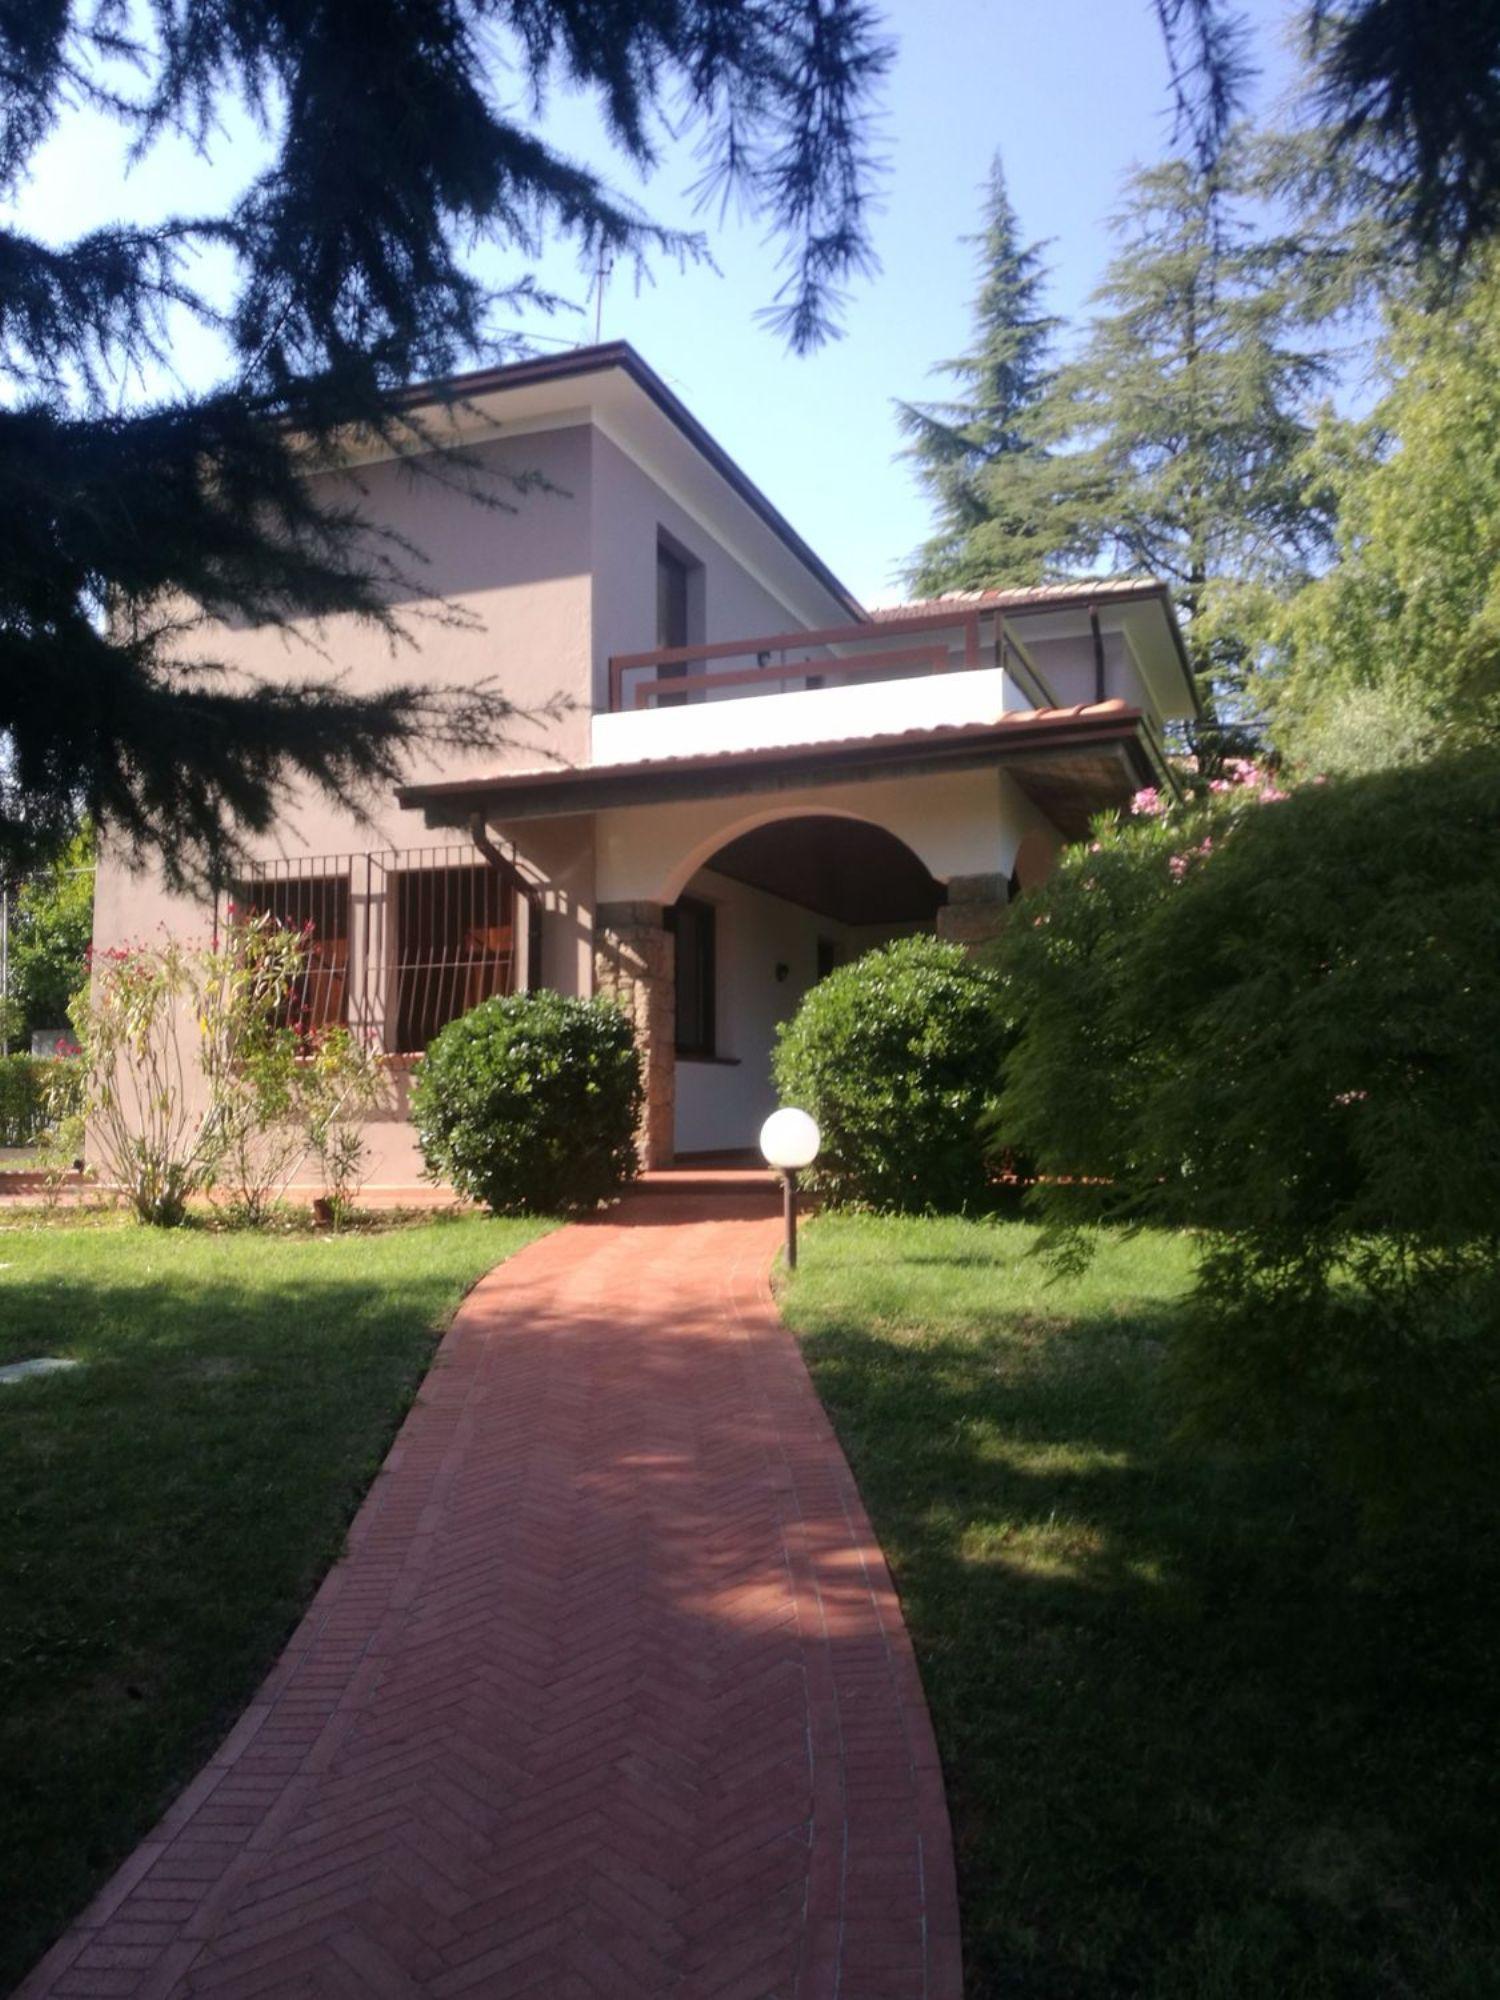 Soluzione Indipendente in vendita a Padenghe sul Garda, 9 locali, prezzo € 684.000 | CambioCasa.it